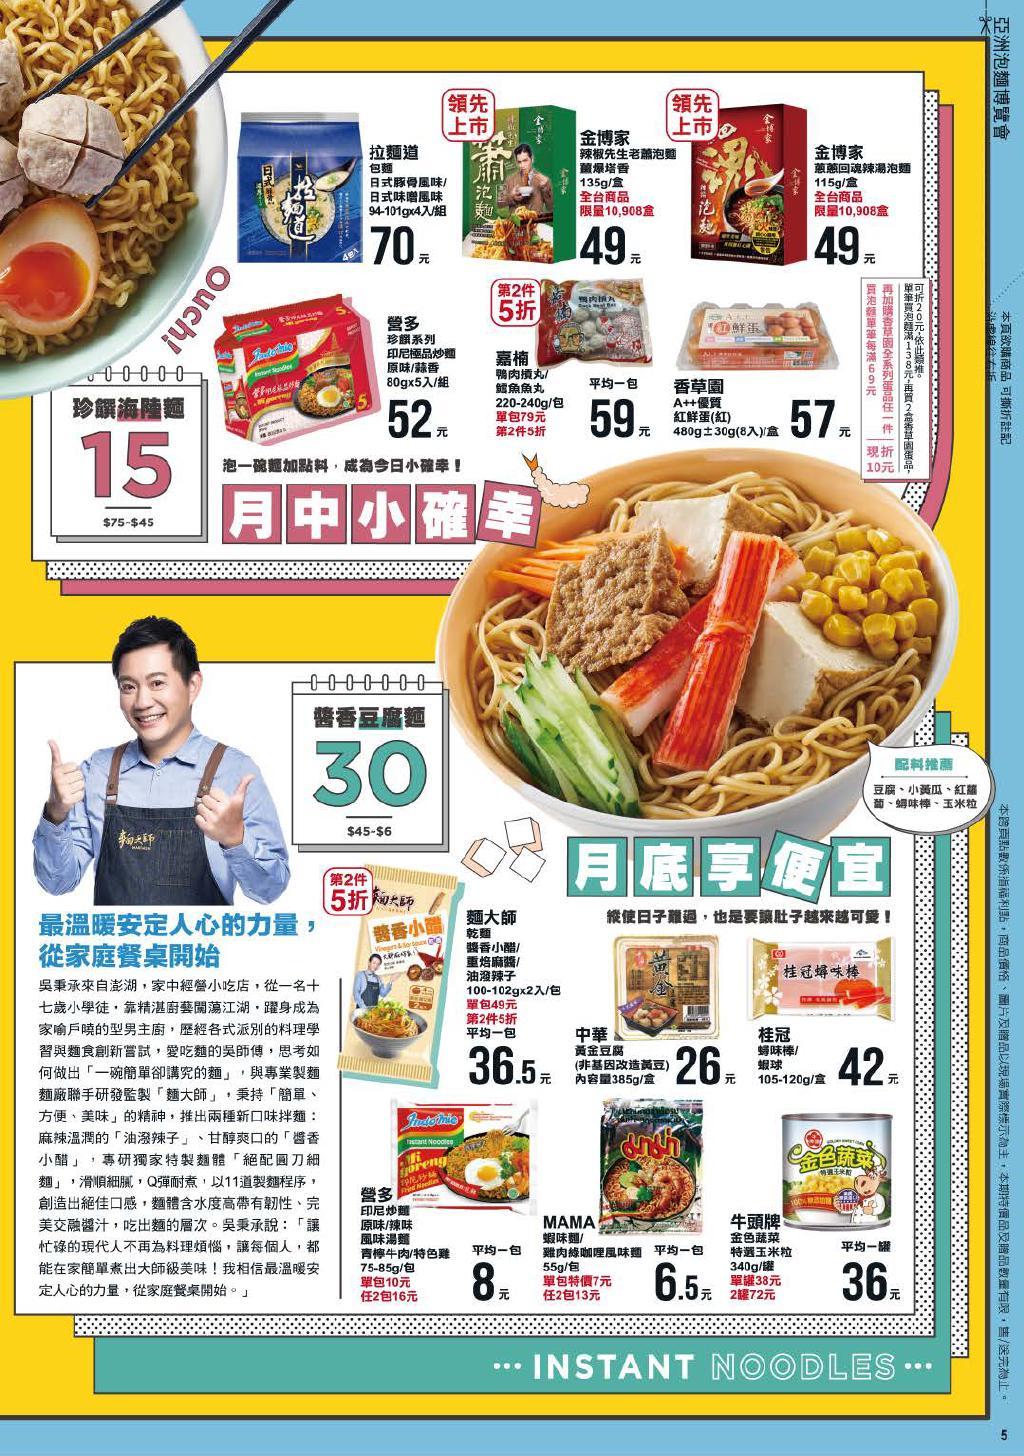 pxmart20201217_000005.jpg